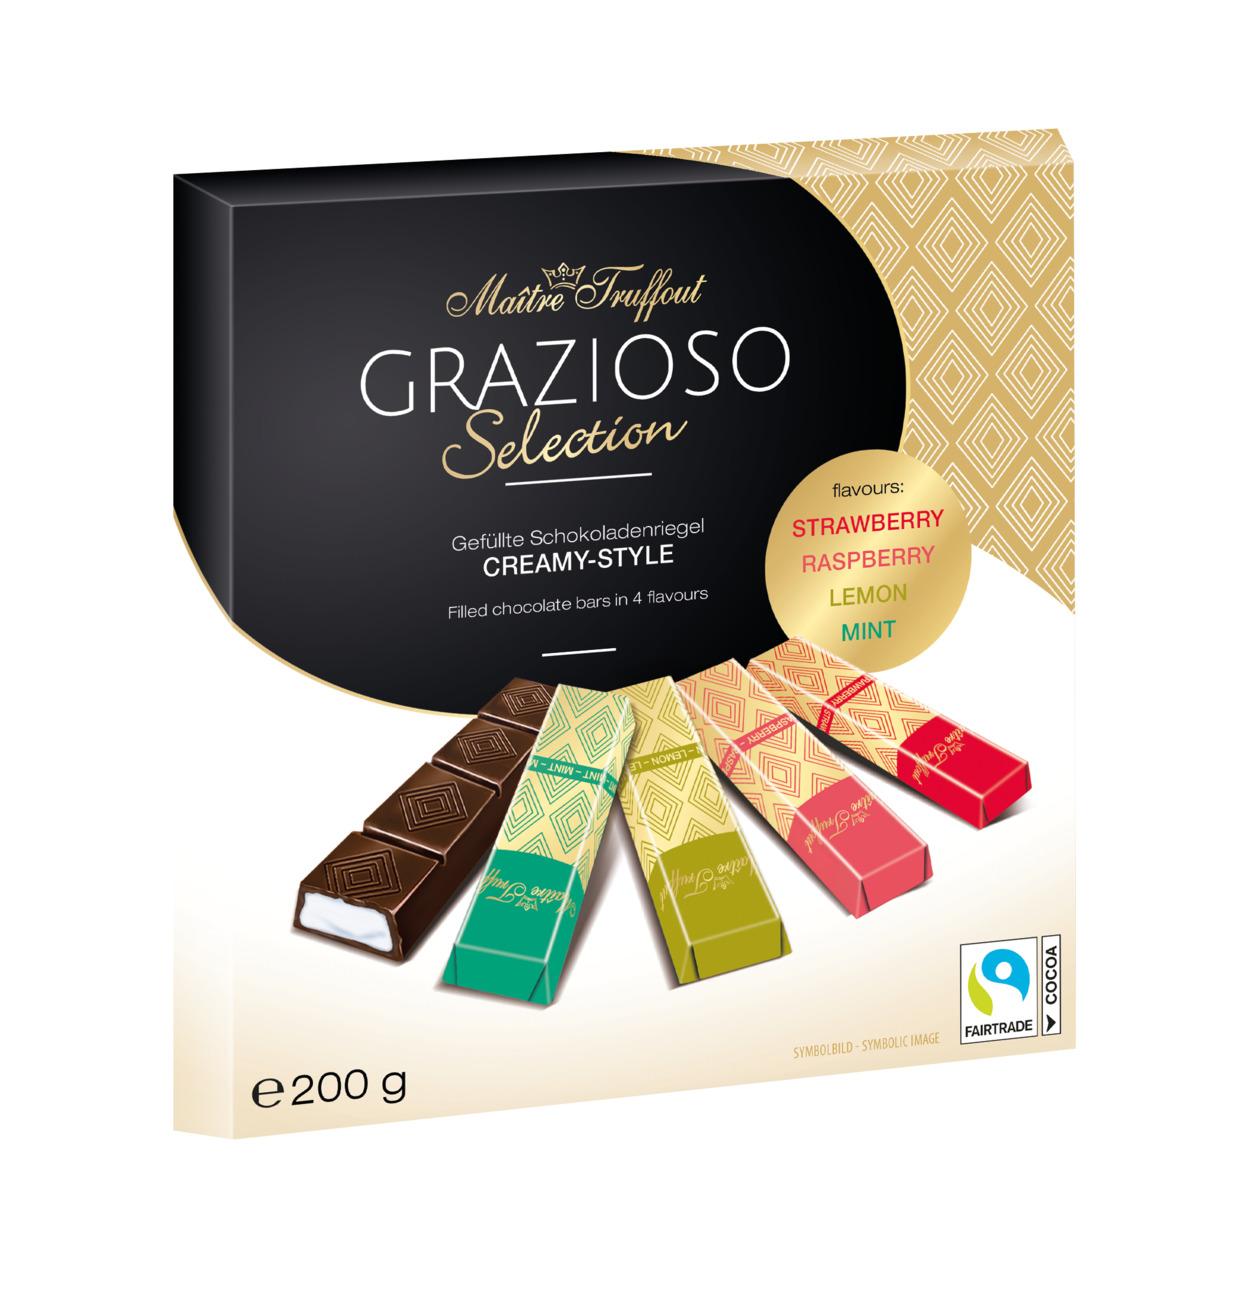 Maitre Truffout Grazioso selection Cream style 200g